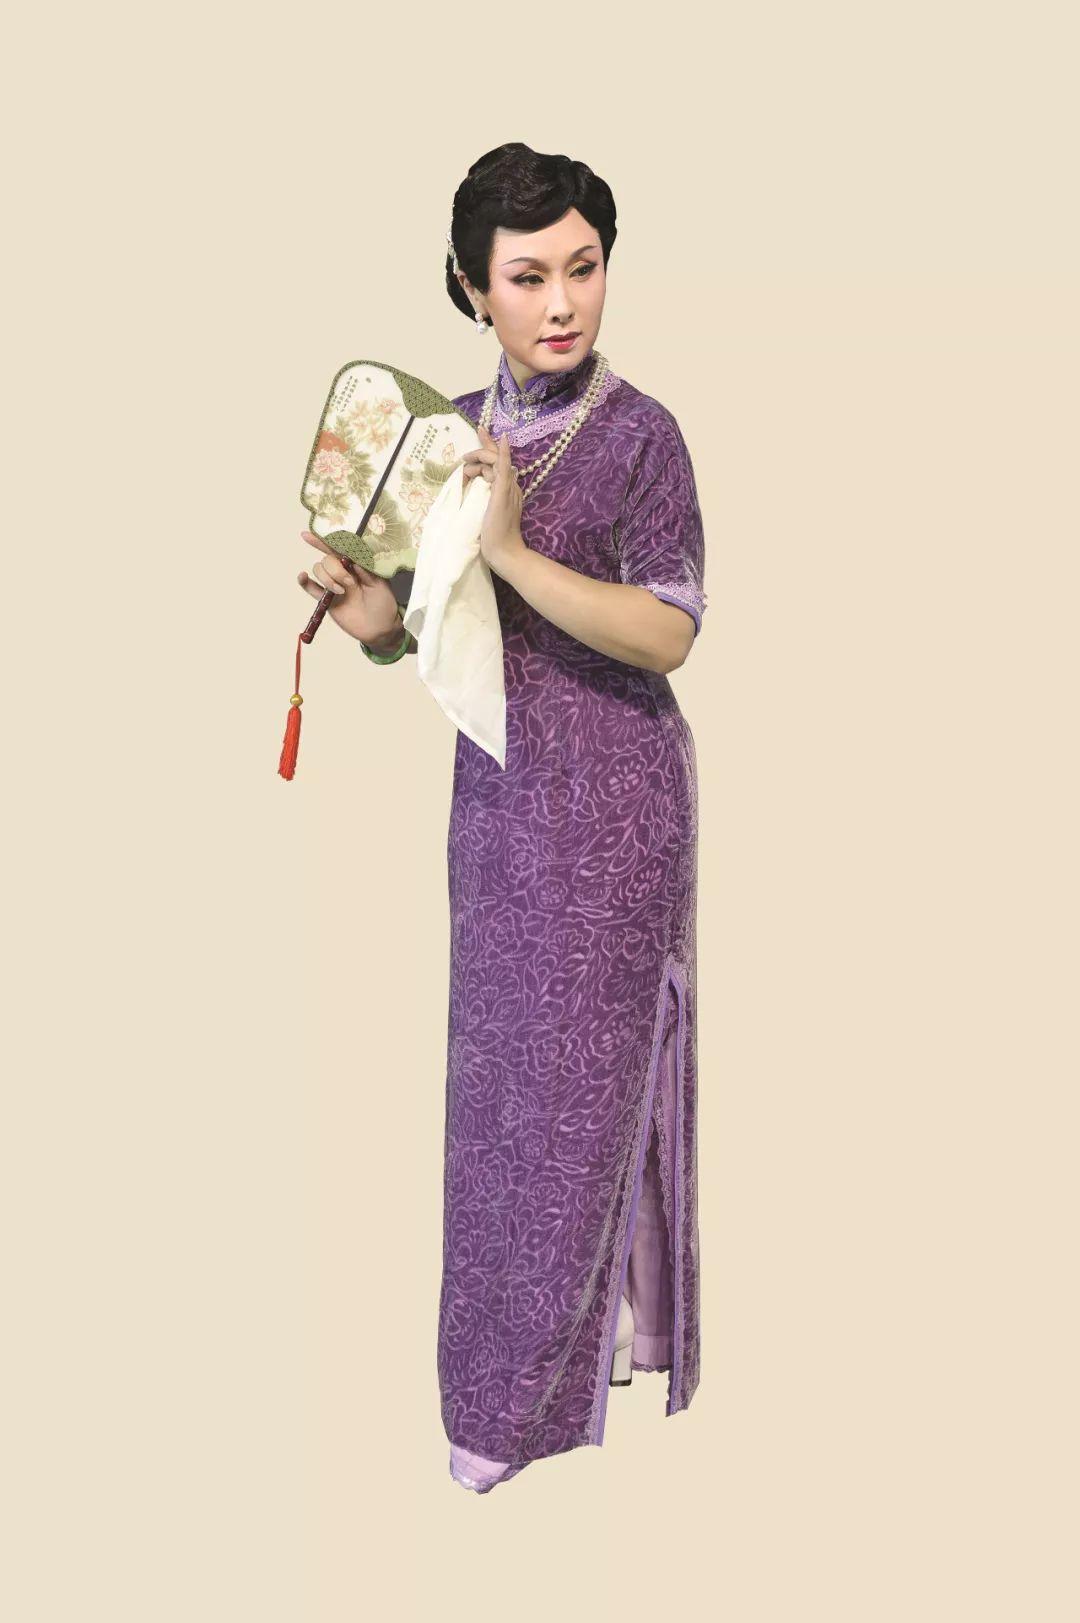 6月14日21日无锡大锡剧别墅山顶的上剧院集锦图片